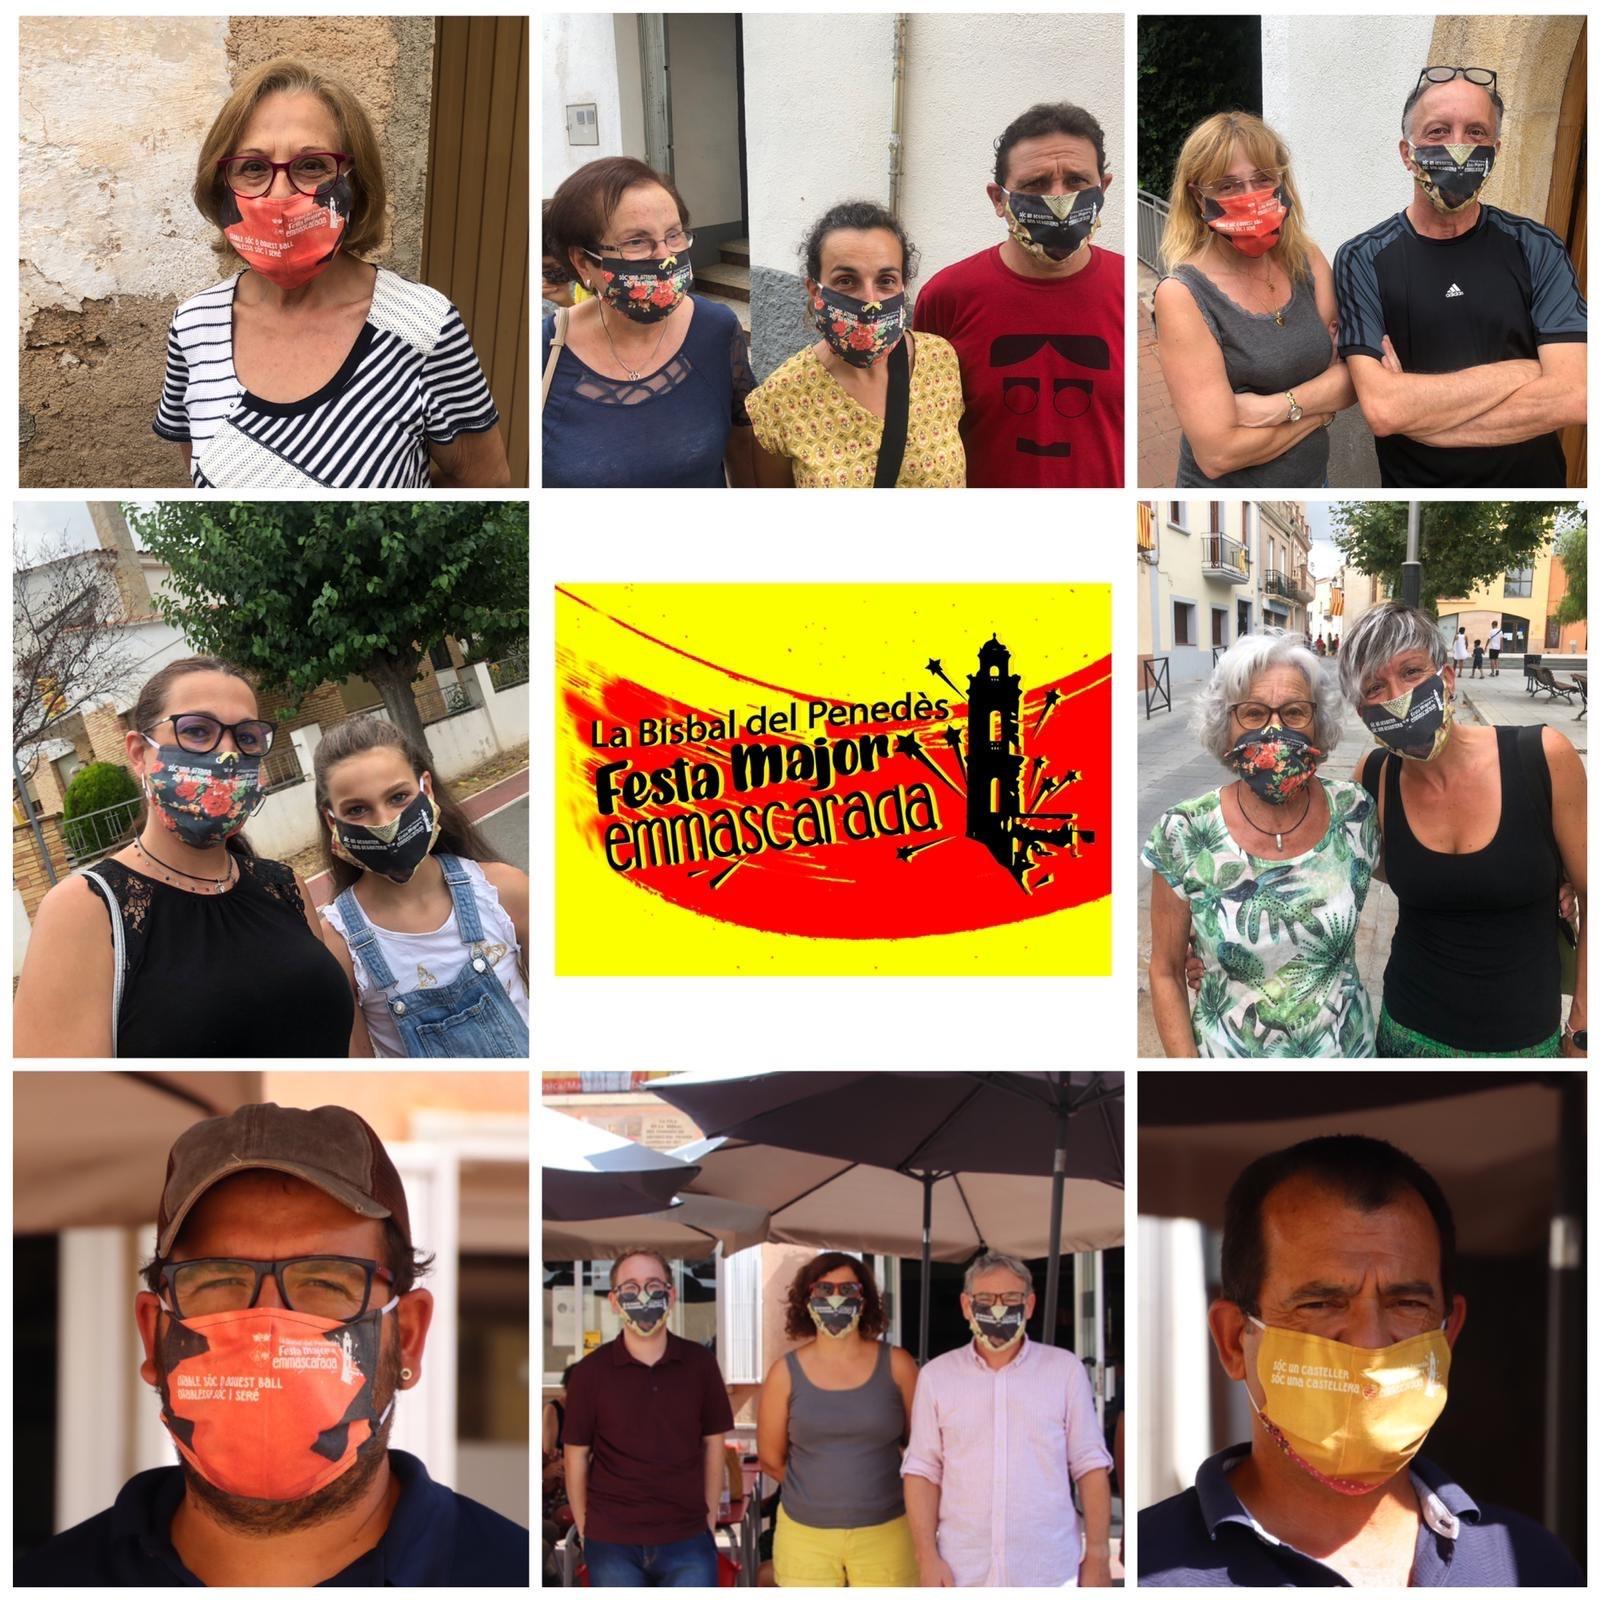 L'Ajuntament ha demanat una subvenció de 12.000€ a la Diputació de Tarragona per activitats de cultura segura i lleure a casa